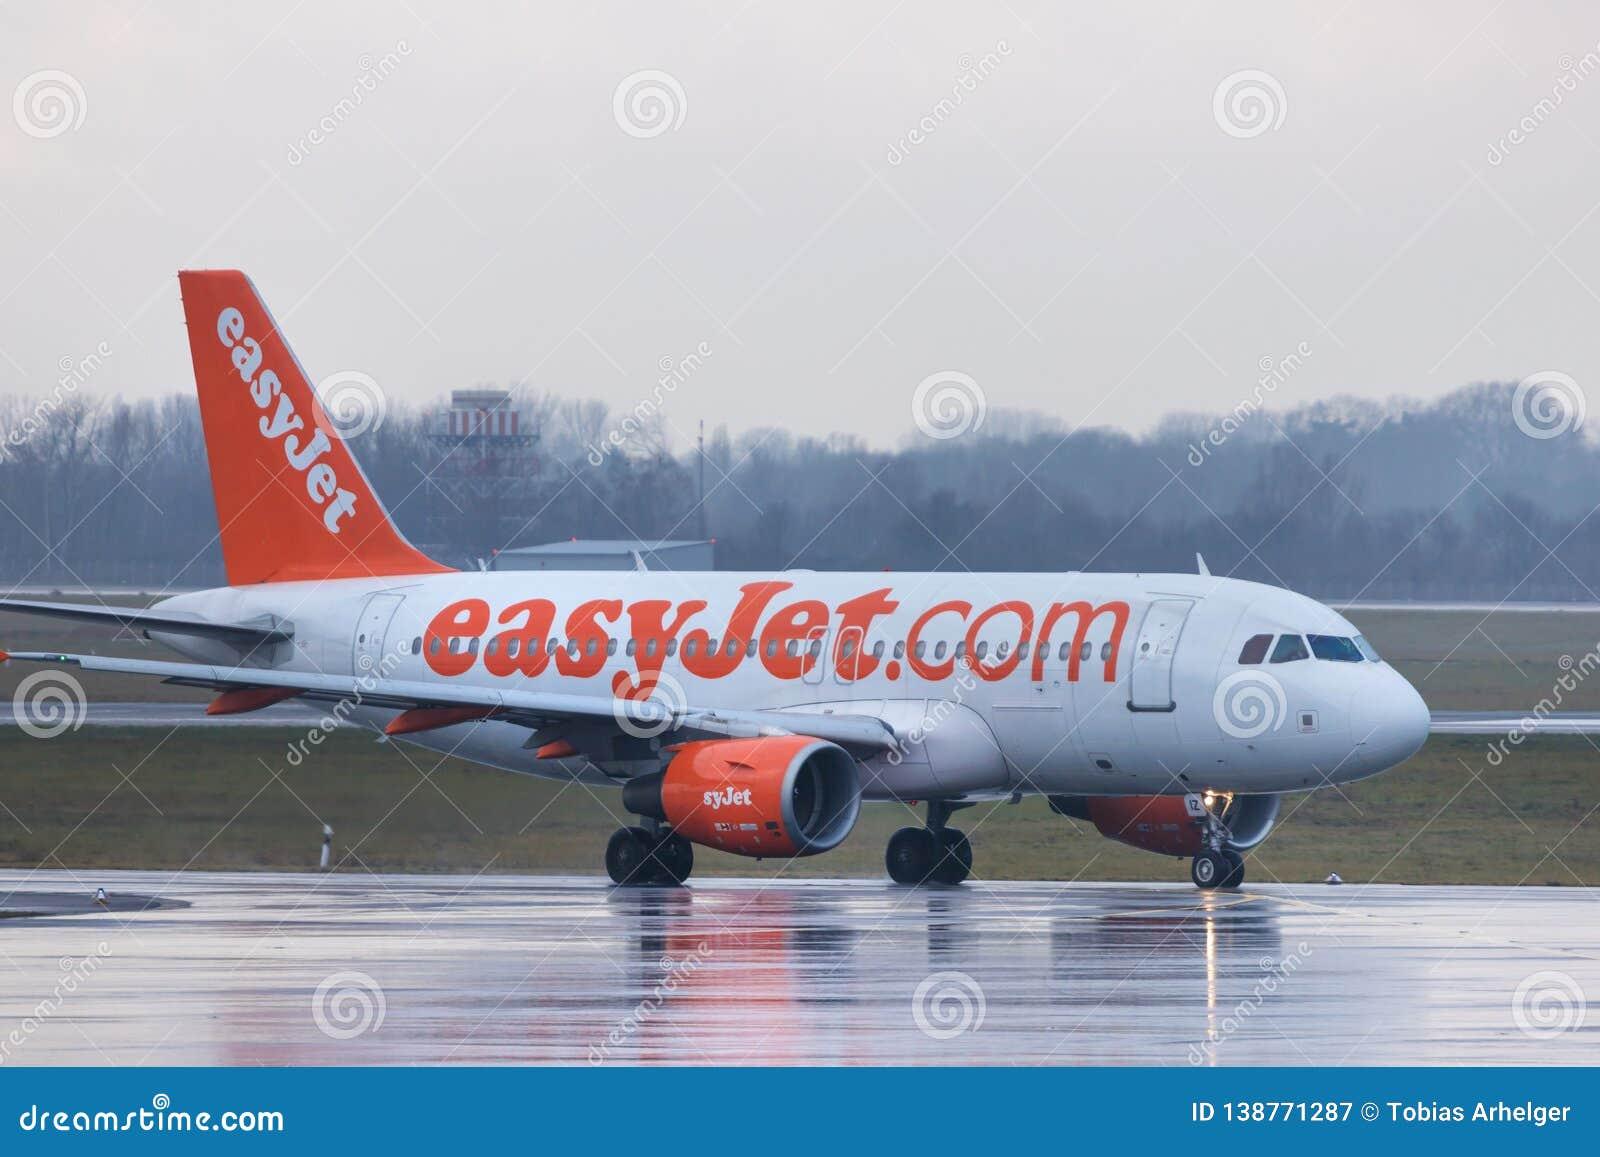 Dusseldorf nrw/Tyskland - 11 01 18: lätt strålflygplan på den dusseldorf flygplatsen Tyskland i regnet